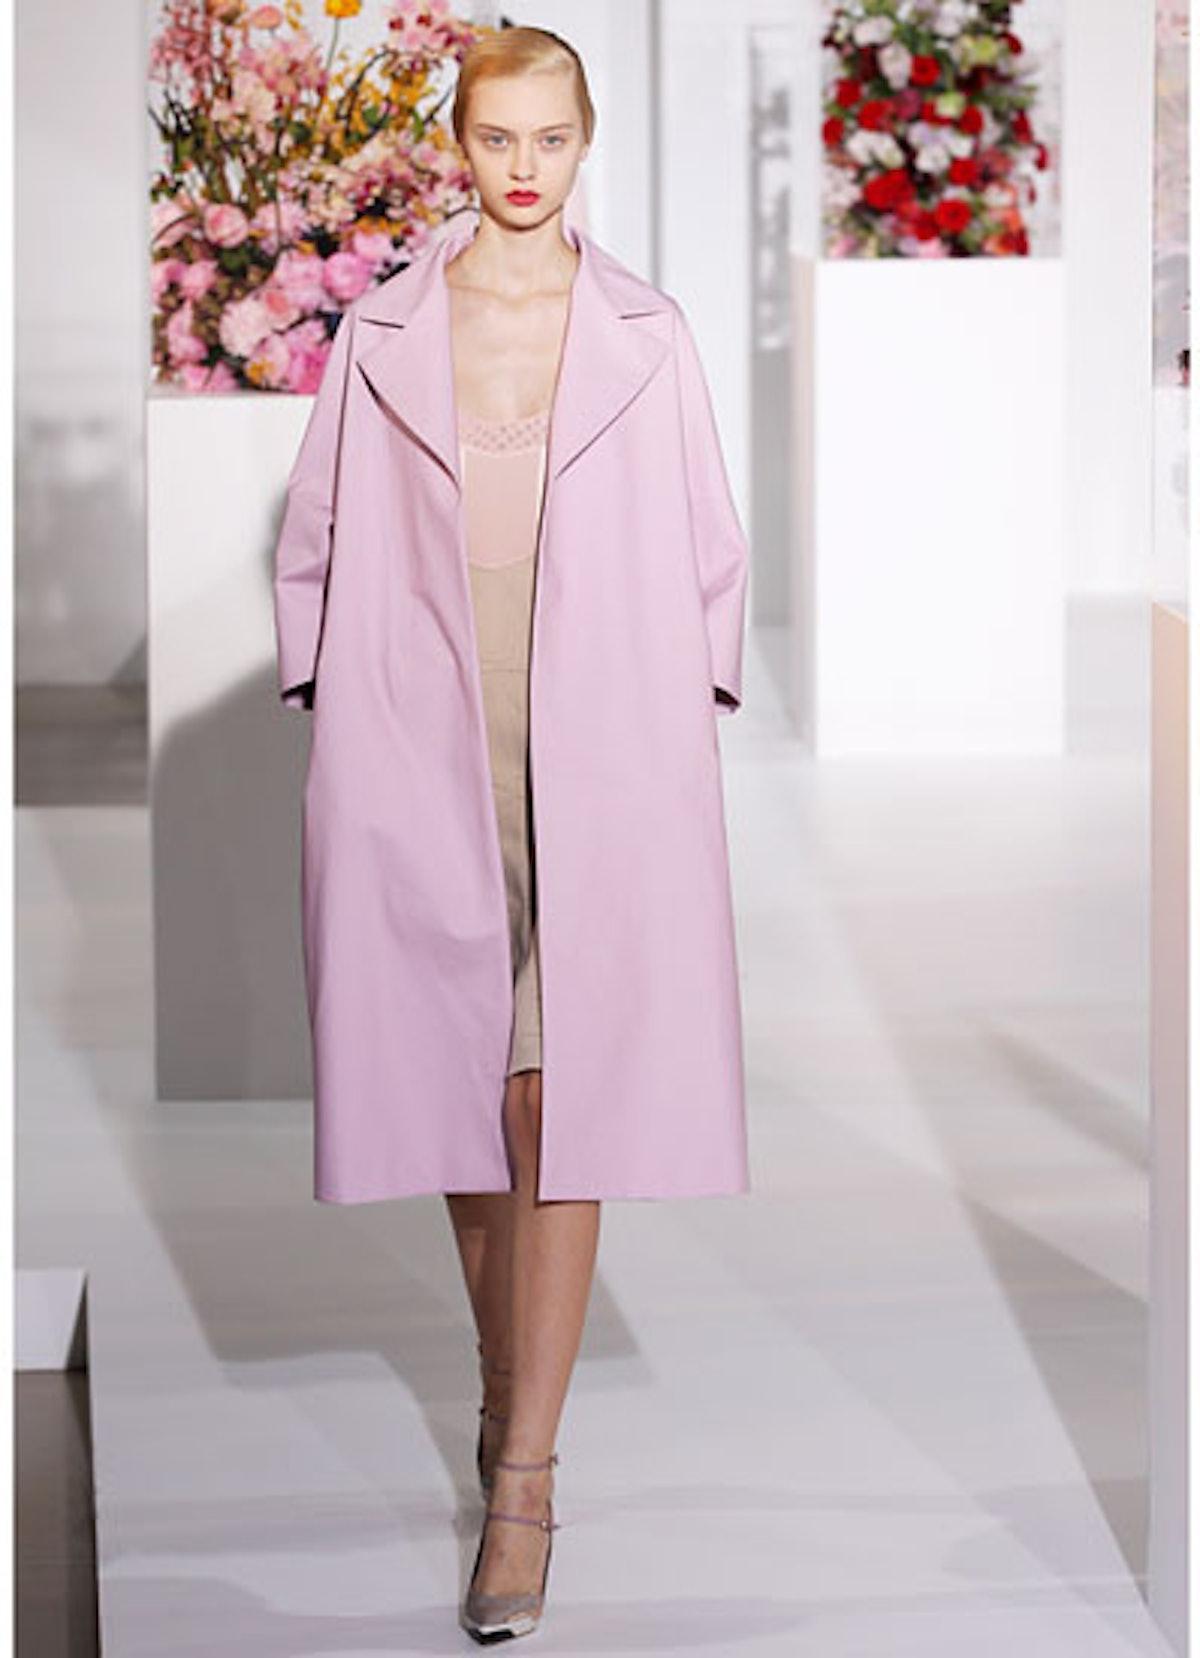 fass-fall-2012-fashion-roundup-33-v.jpg